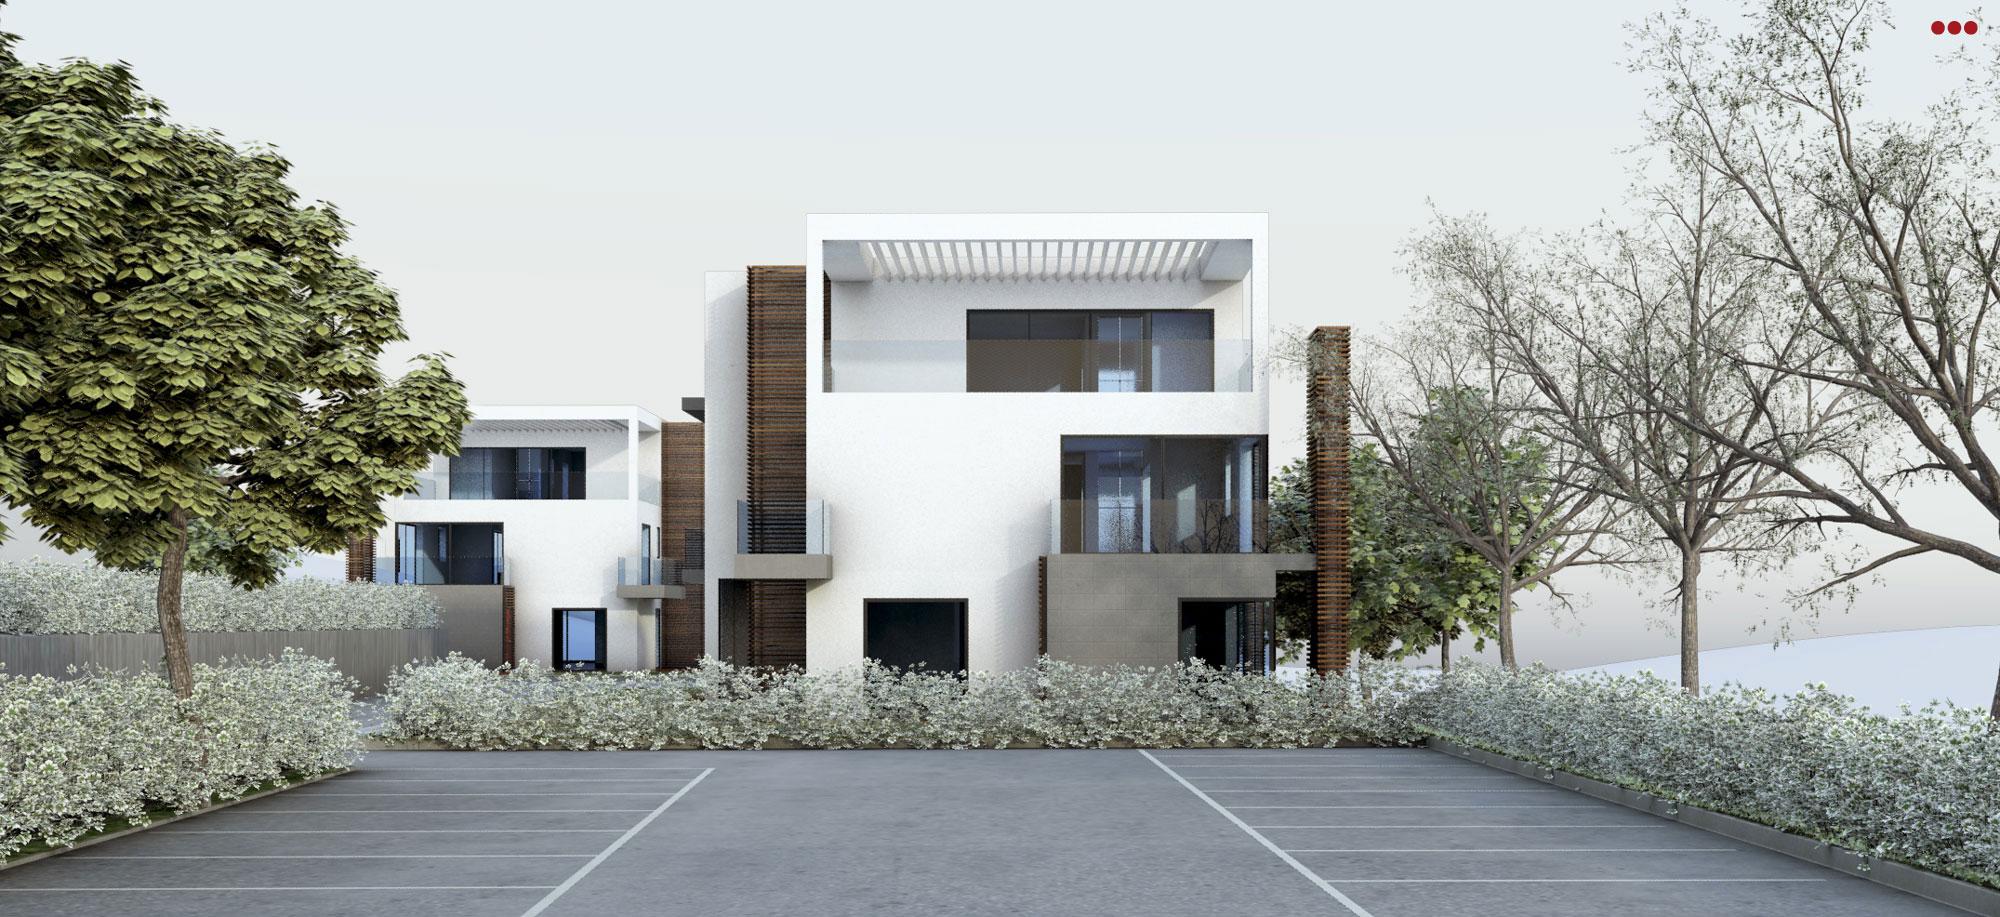 rendering 3d modeling architettura costruzioni studio bartolini gabicce rimini 13